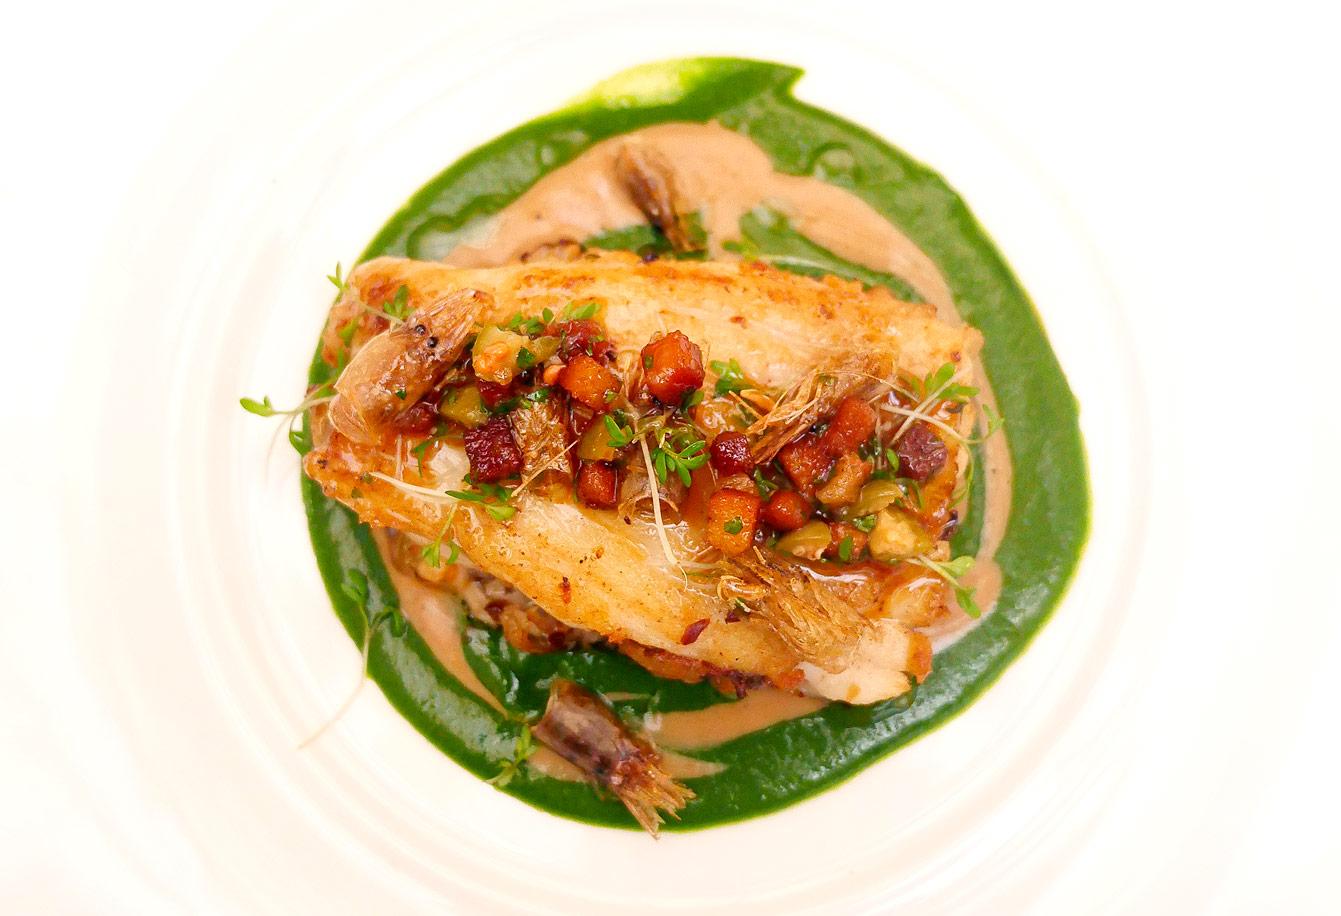 Raie à la grenobloise, duo de velouté cresson et champignons, hotel-vernet-restaurant-10